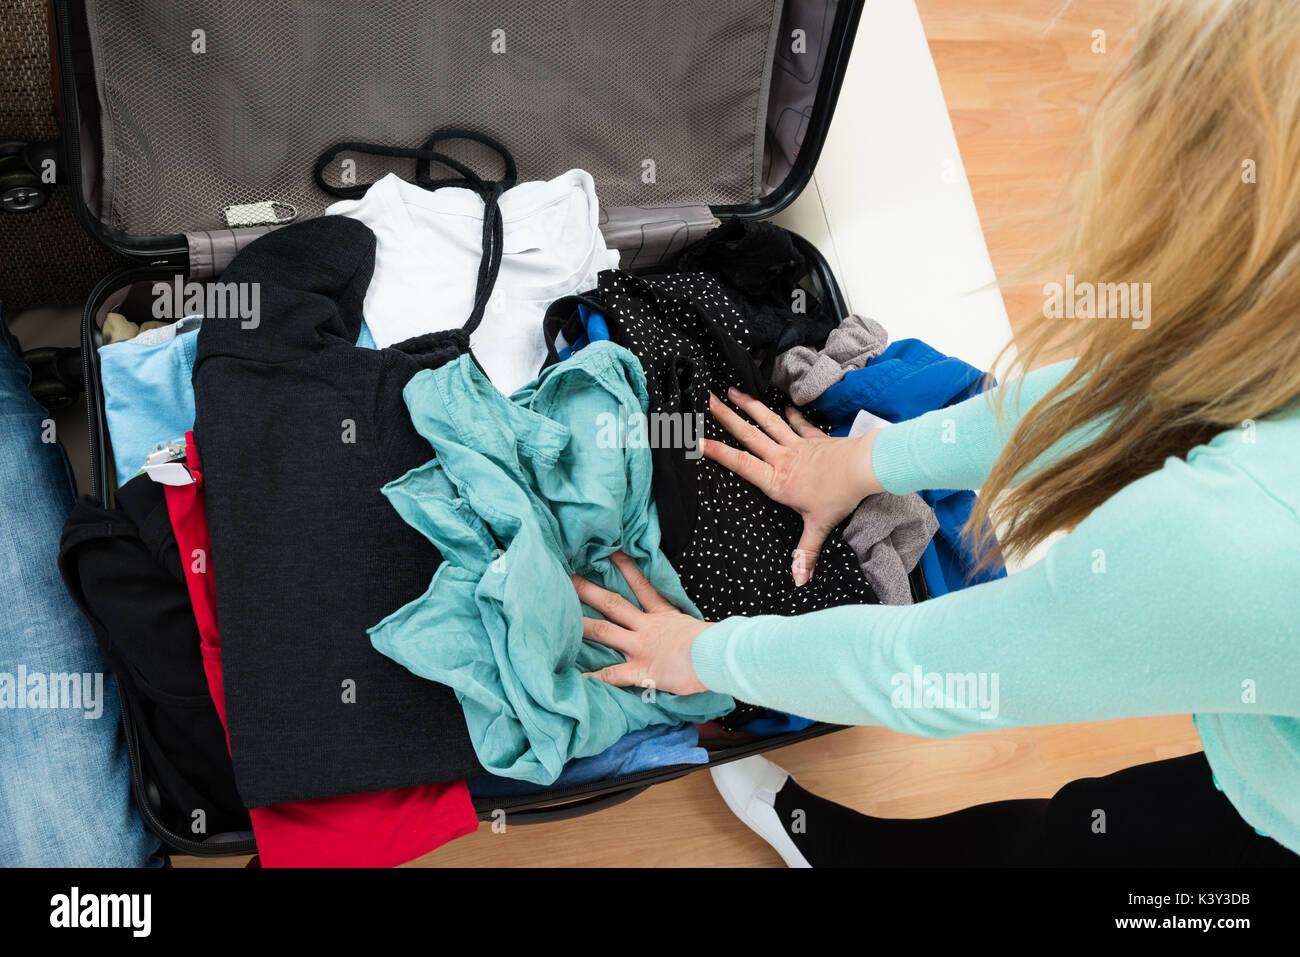 Elevato angolo di visione della donna abiti da imballaggio in valigia Immagini Stock